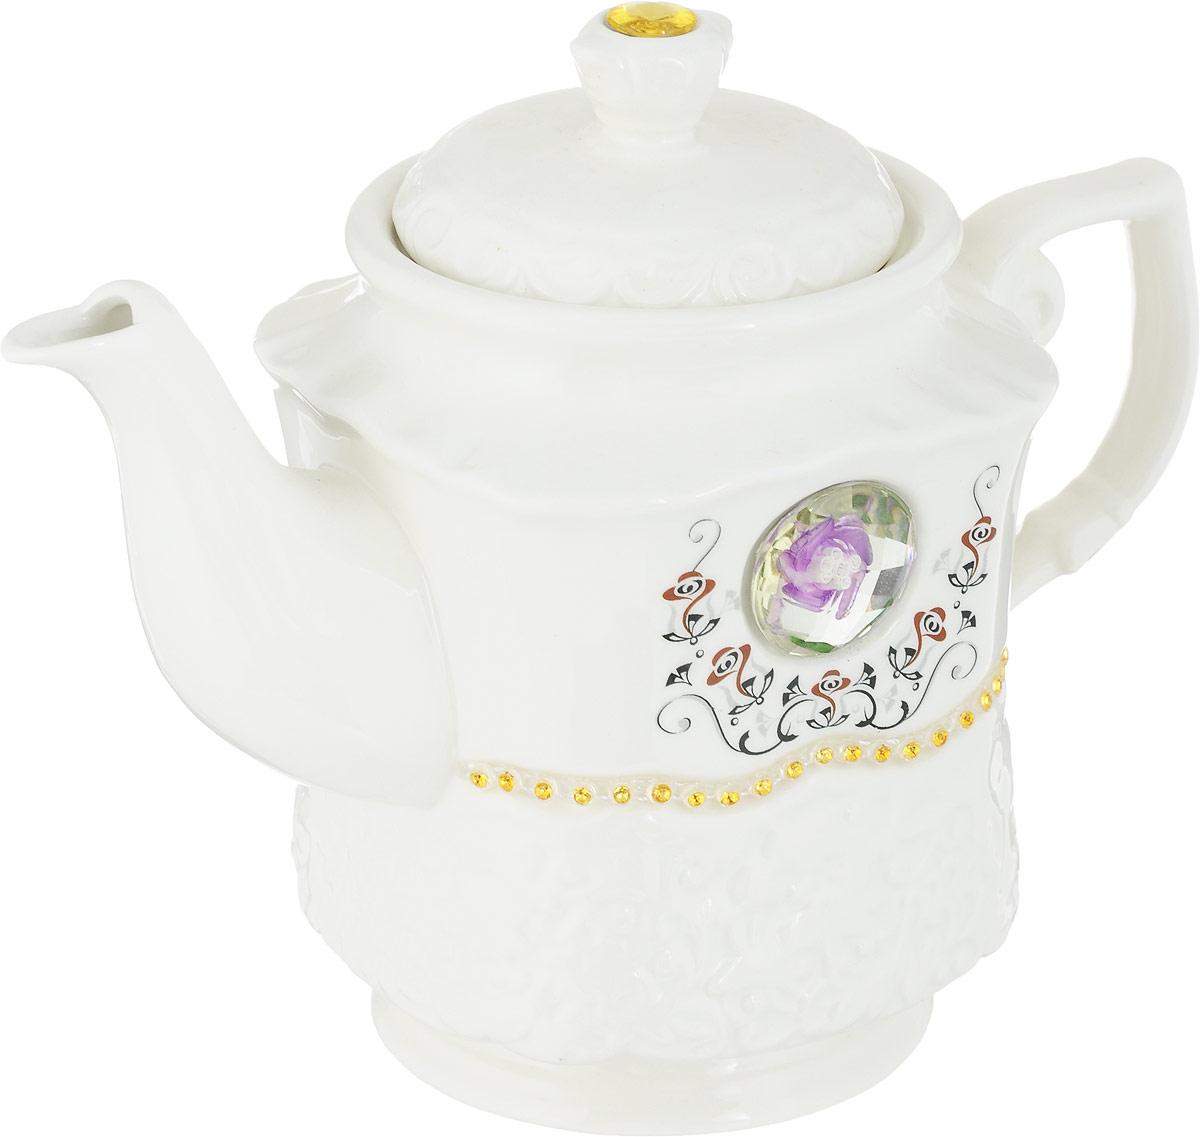 Чайник заварочный Rosenberg 8051 станет не просто полезным аксессуаром на кухне, но и ее украшением. Красивое оформление стола как  праздничного, так и повседневного - это целое искусство. Правильно подобранная посуда - это залог успеха в этом деле. Такой заварочный  чайник из керамики со стразами, придется по вкусу даже самым требовательным хозяйкам.